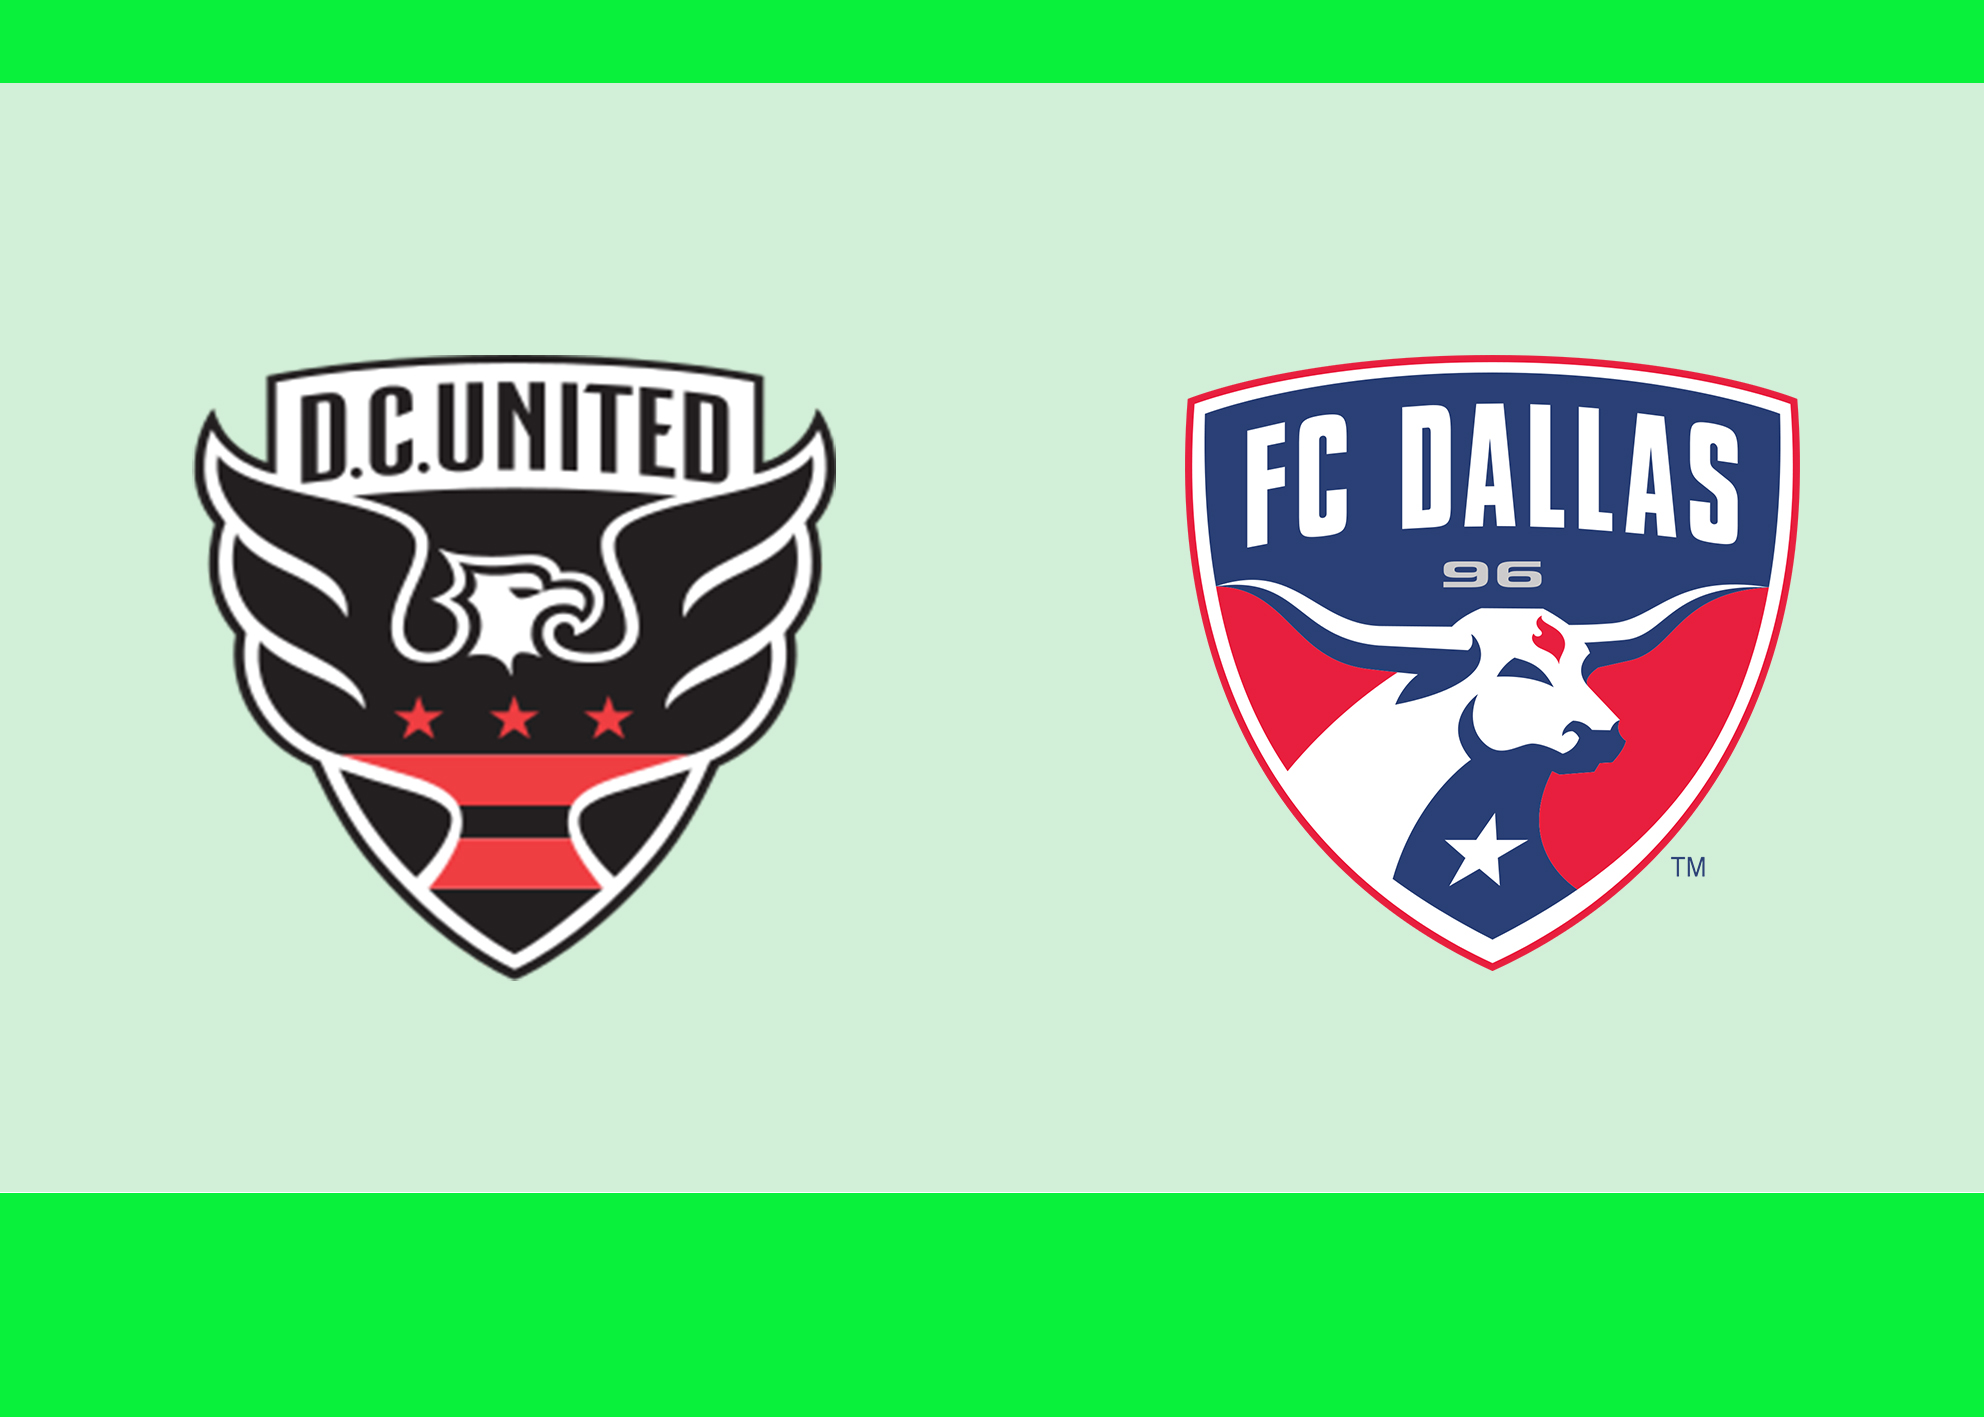 dc-united-vs-fc-dallas-tip-bong-da-14-10-2018 1